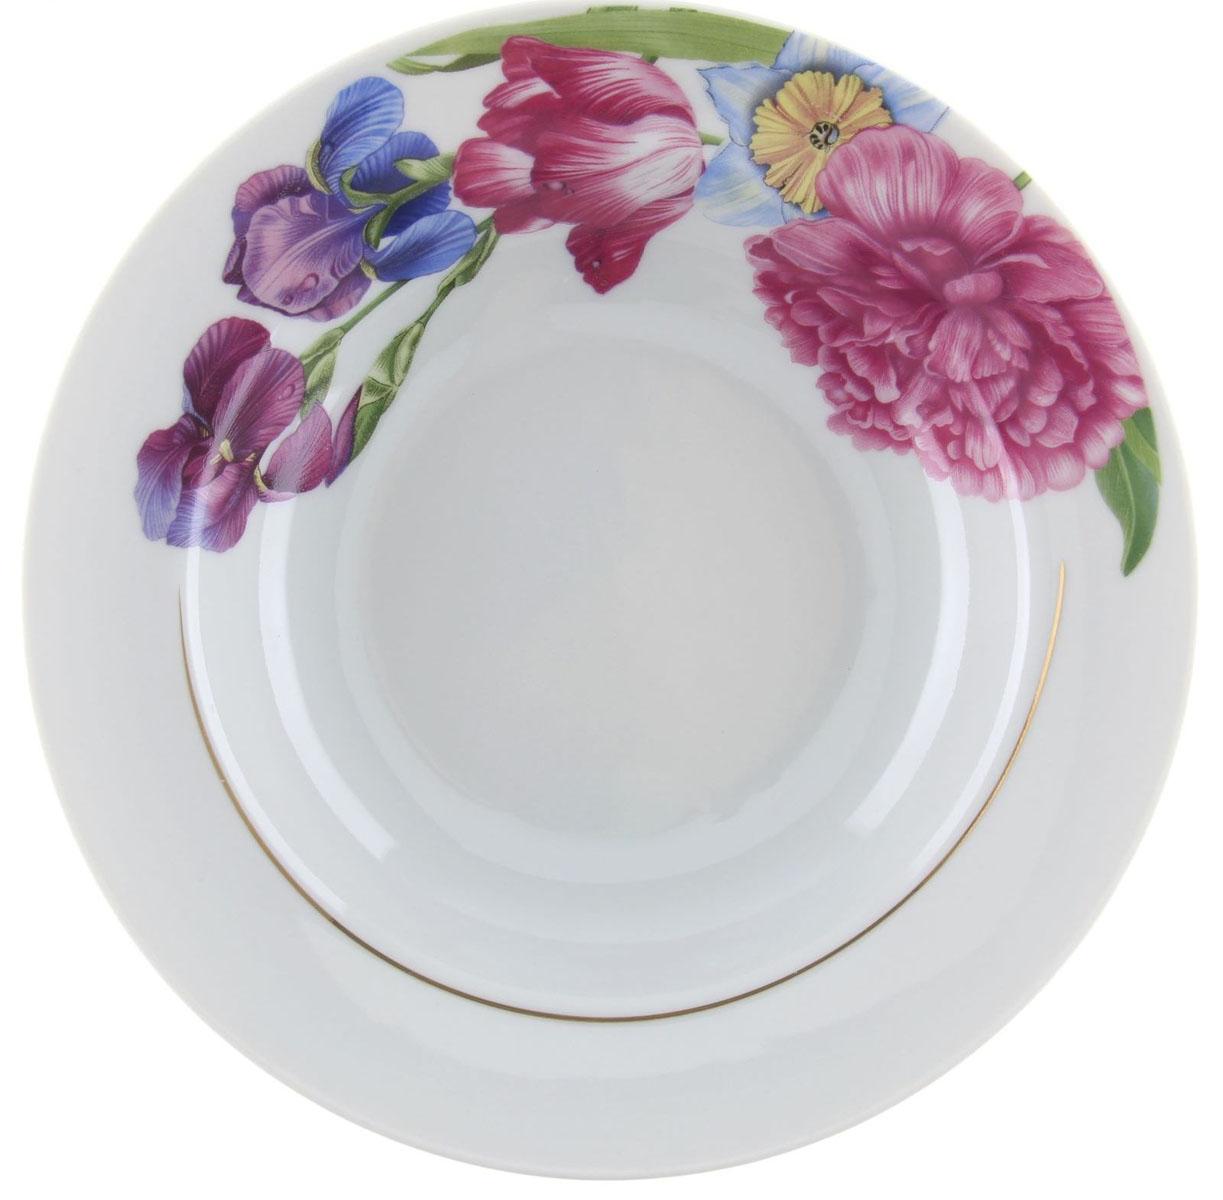 Тарелка глубокая Идиллия. Английская классика, диаметр 20 см1303829Глубокая тарелка Идиллия. Английская классика выполнена из высококачественного фарфора и украшена ярким рисунком. Она прекрасно впишется в интерьер вашей кухни и станет достойным дополнением к кухонному инвентарю. Тарелка Идиллия. Английская классика подчеркнет прекрасный вкус хозяйки и станет отличным подарком. Диаметр тарелки: 20 см.